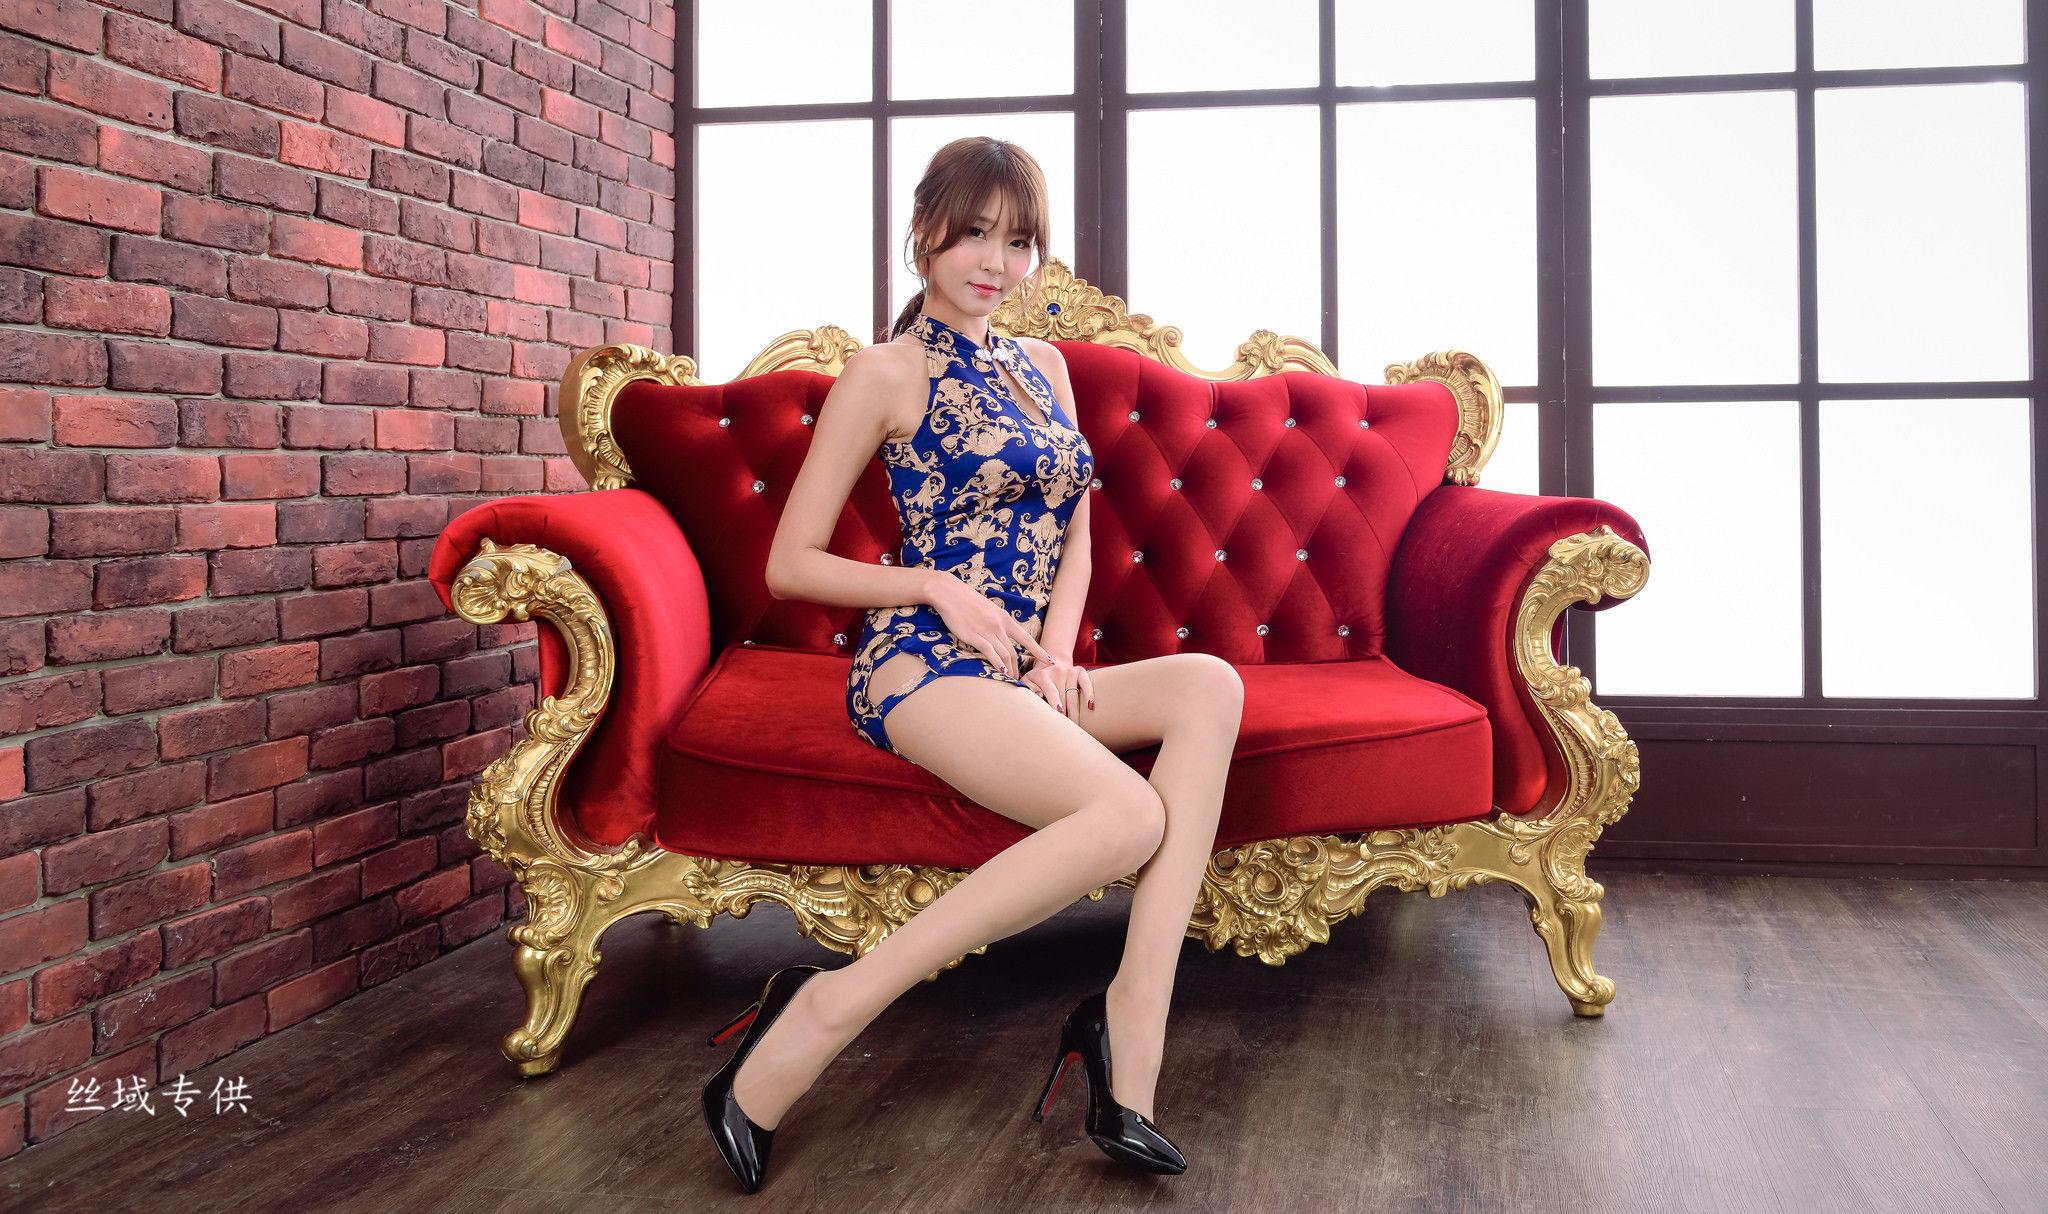 [台湾正妹] Winnie小雪 - 3套美腿优雅服装写真图片合集